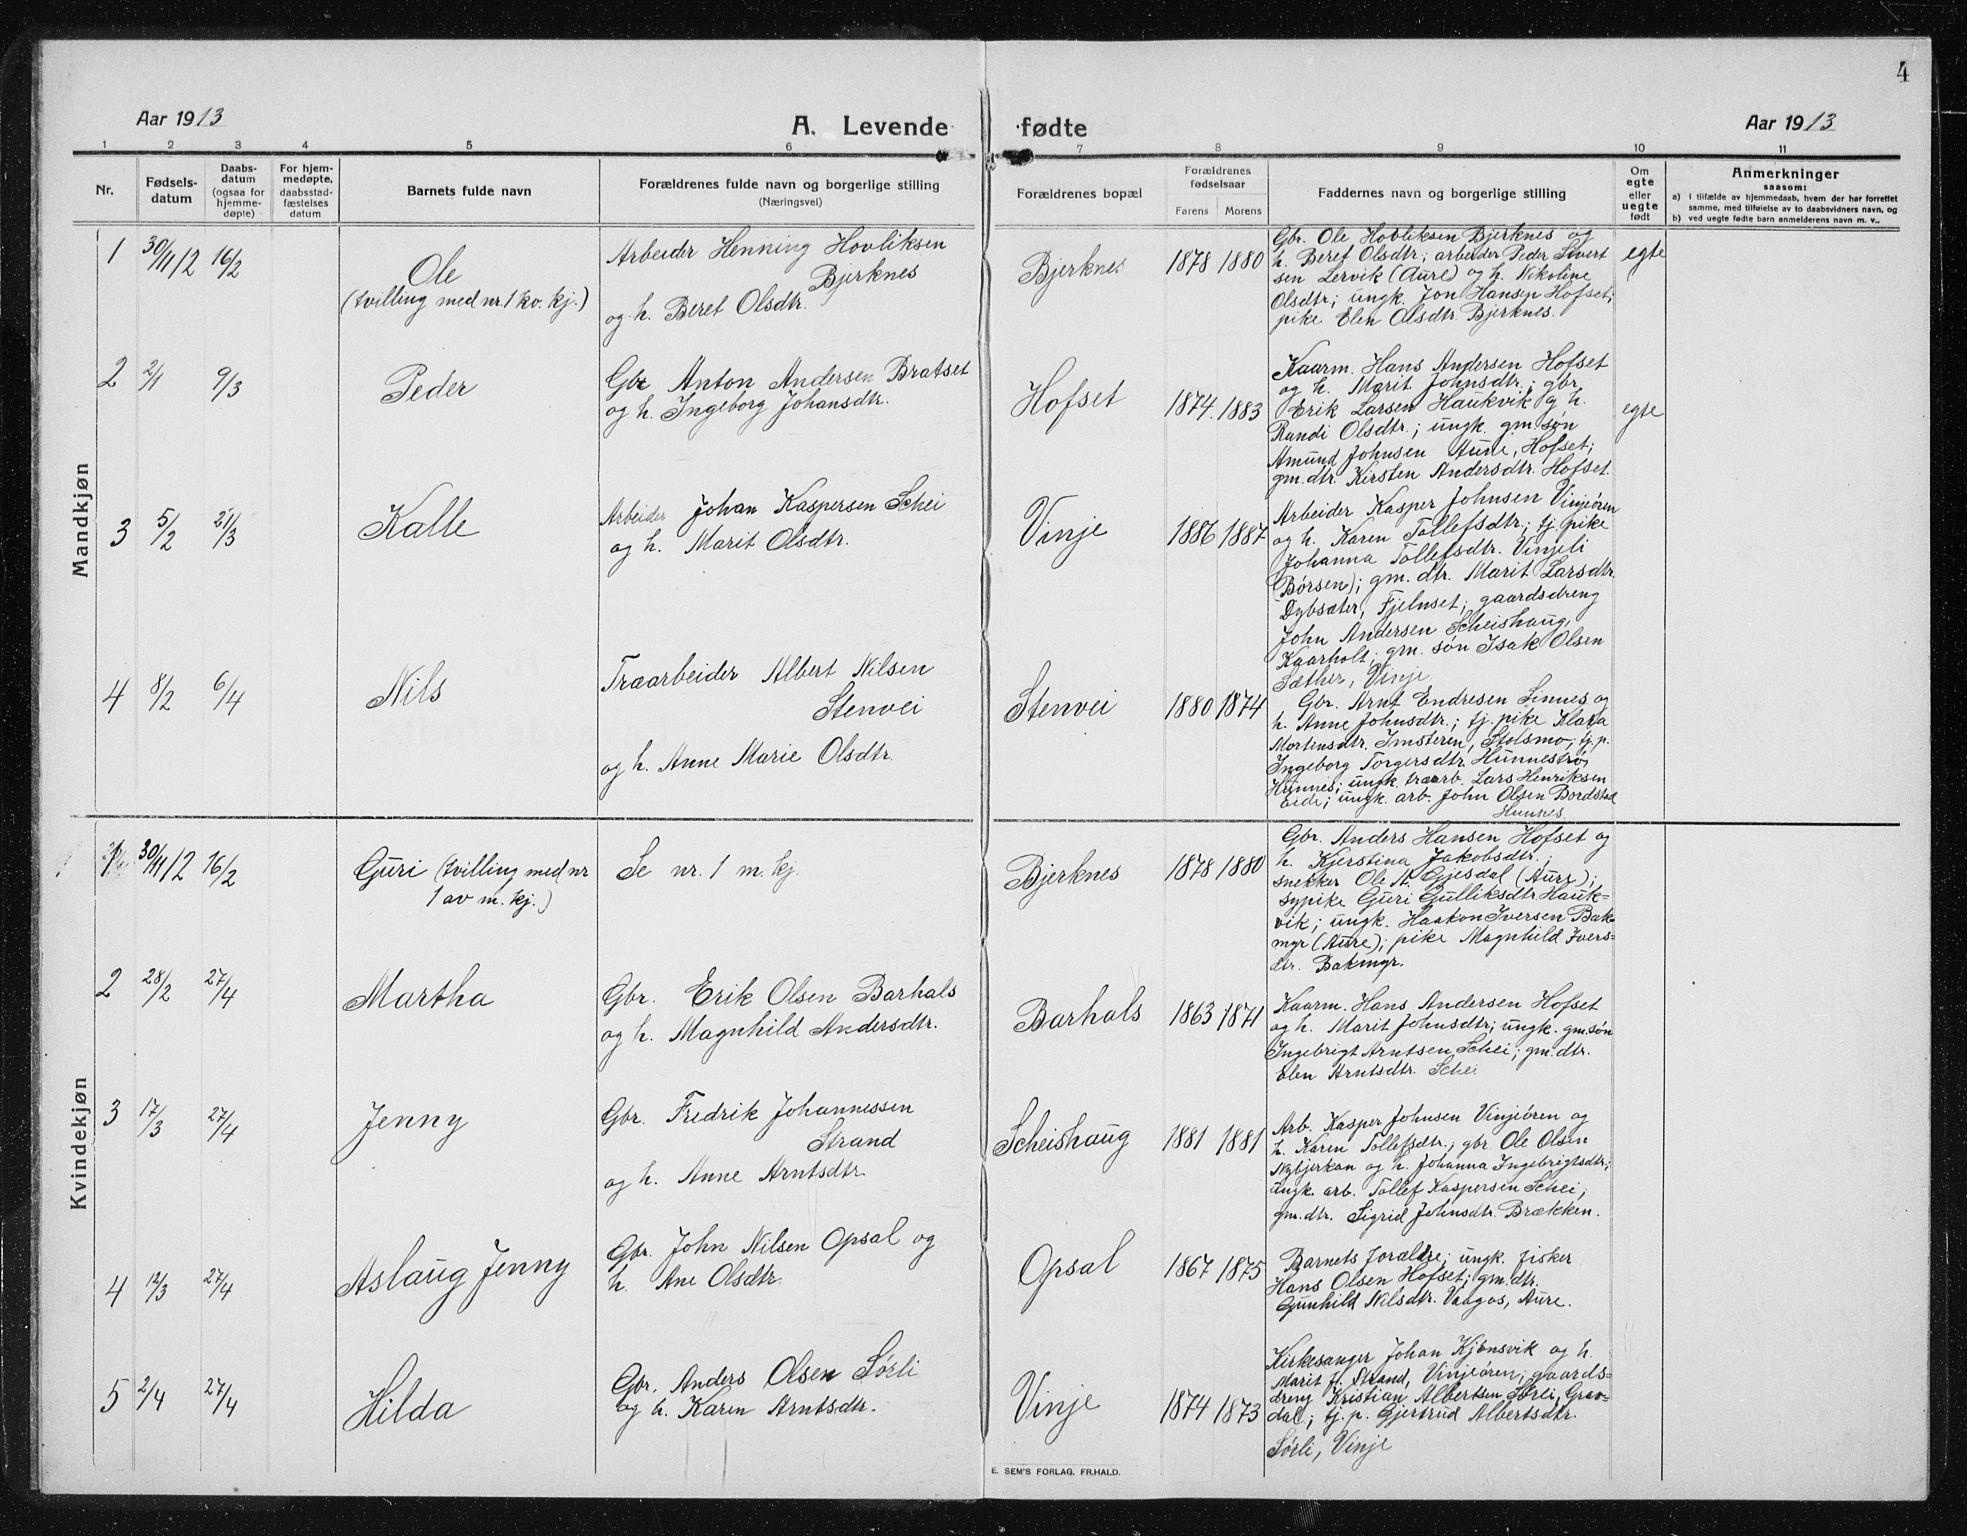 SAT, Ministerialprotokoller, klokkerbøker og fødselsregistre - Sør-Trøndelag, 631/L0515: Klokkerbok nr. 631C03, 1913-1939, s. 4